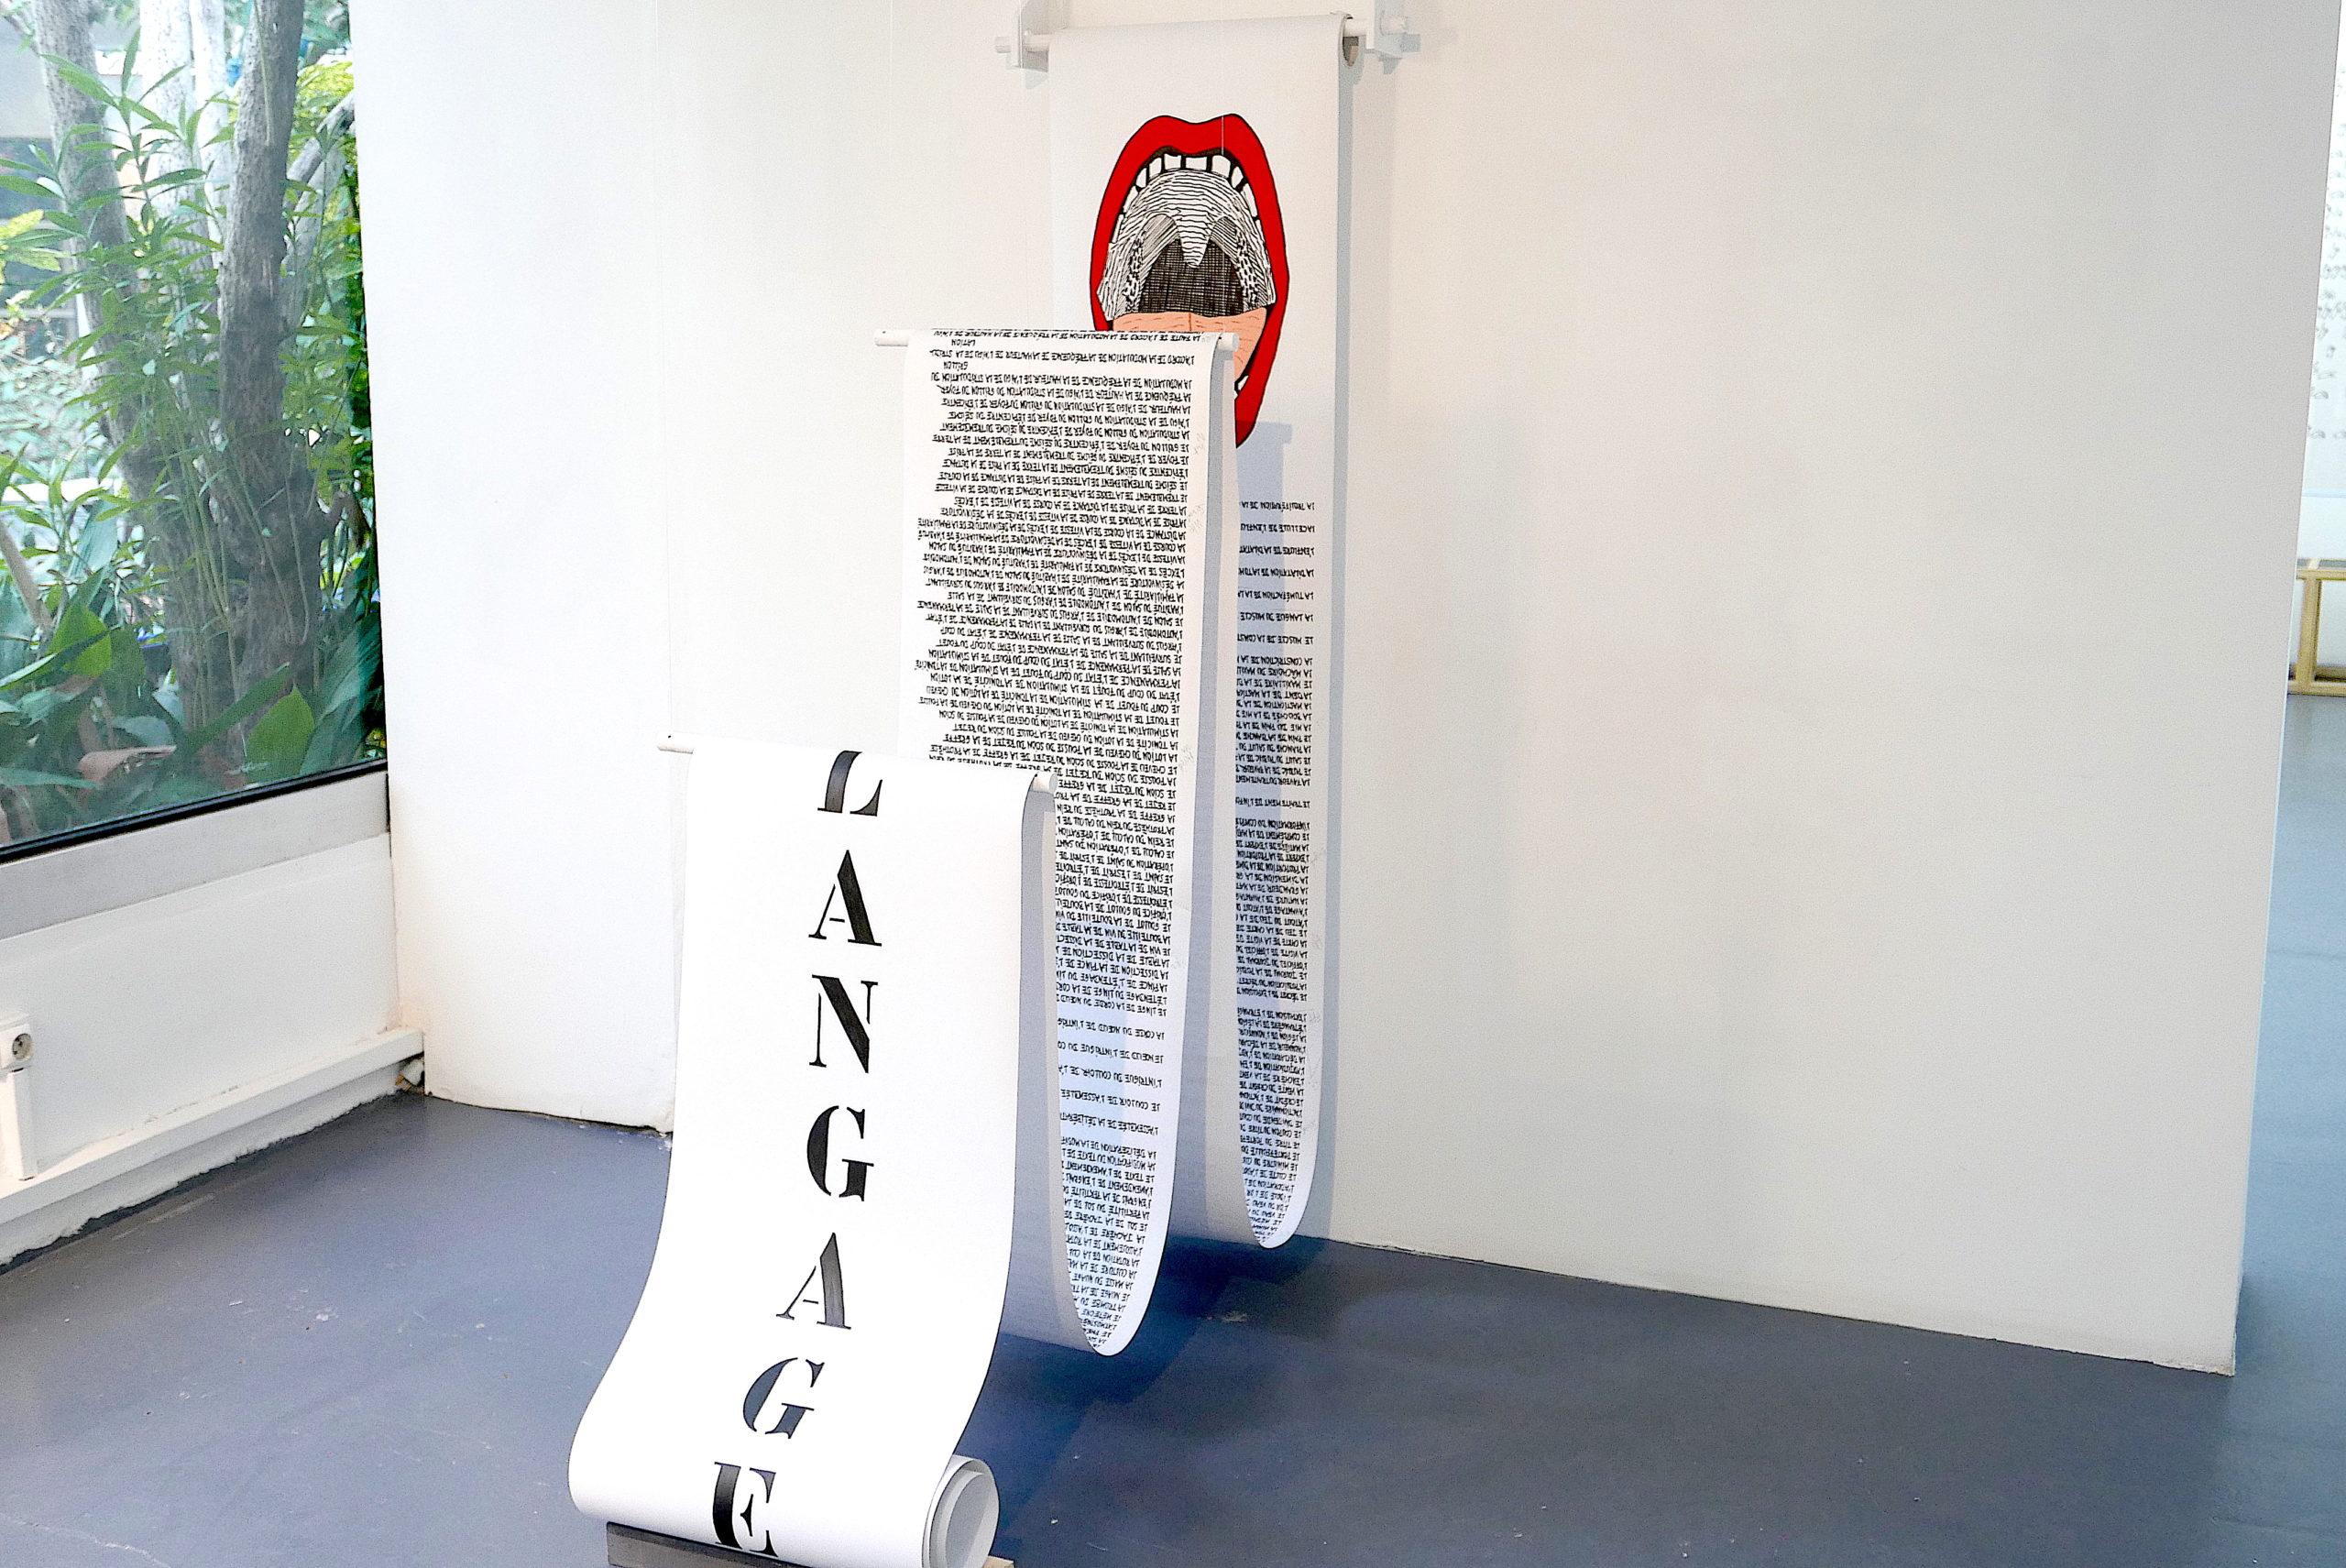 COMPLEMENTS DE NOMS - LE LANGAGE - 2010. Support de lecture, rouleau manuscrit.